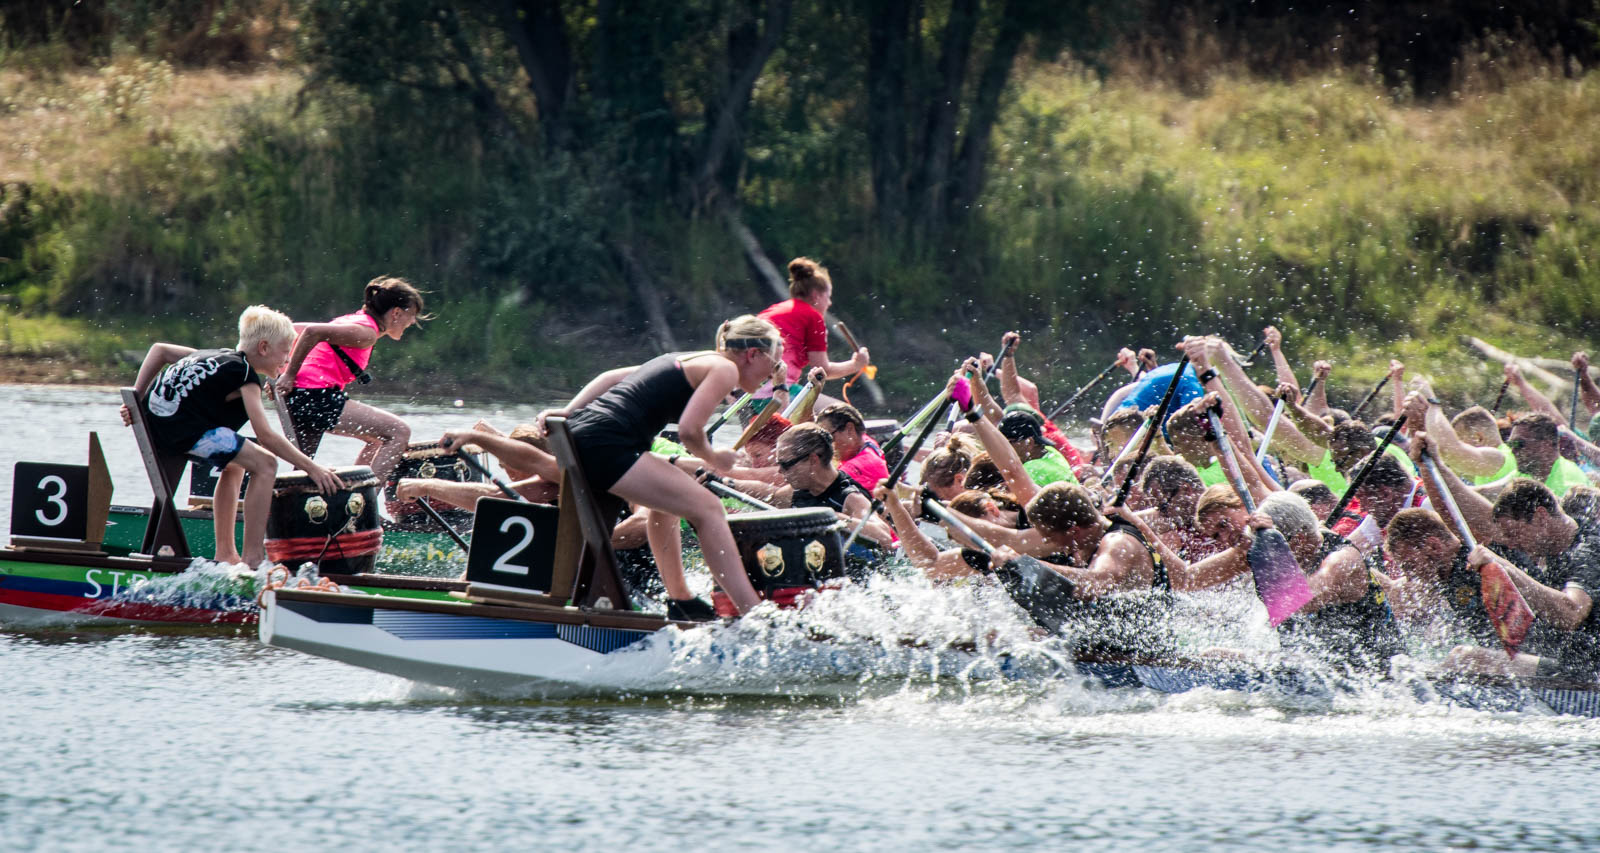 Benefiz-Drachenboot-Cup auf dem Salbker See